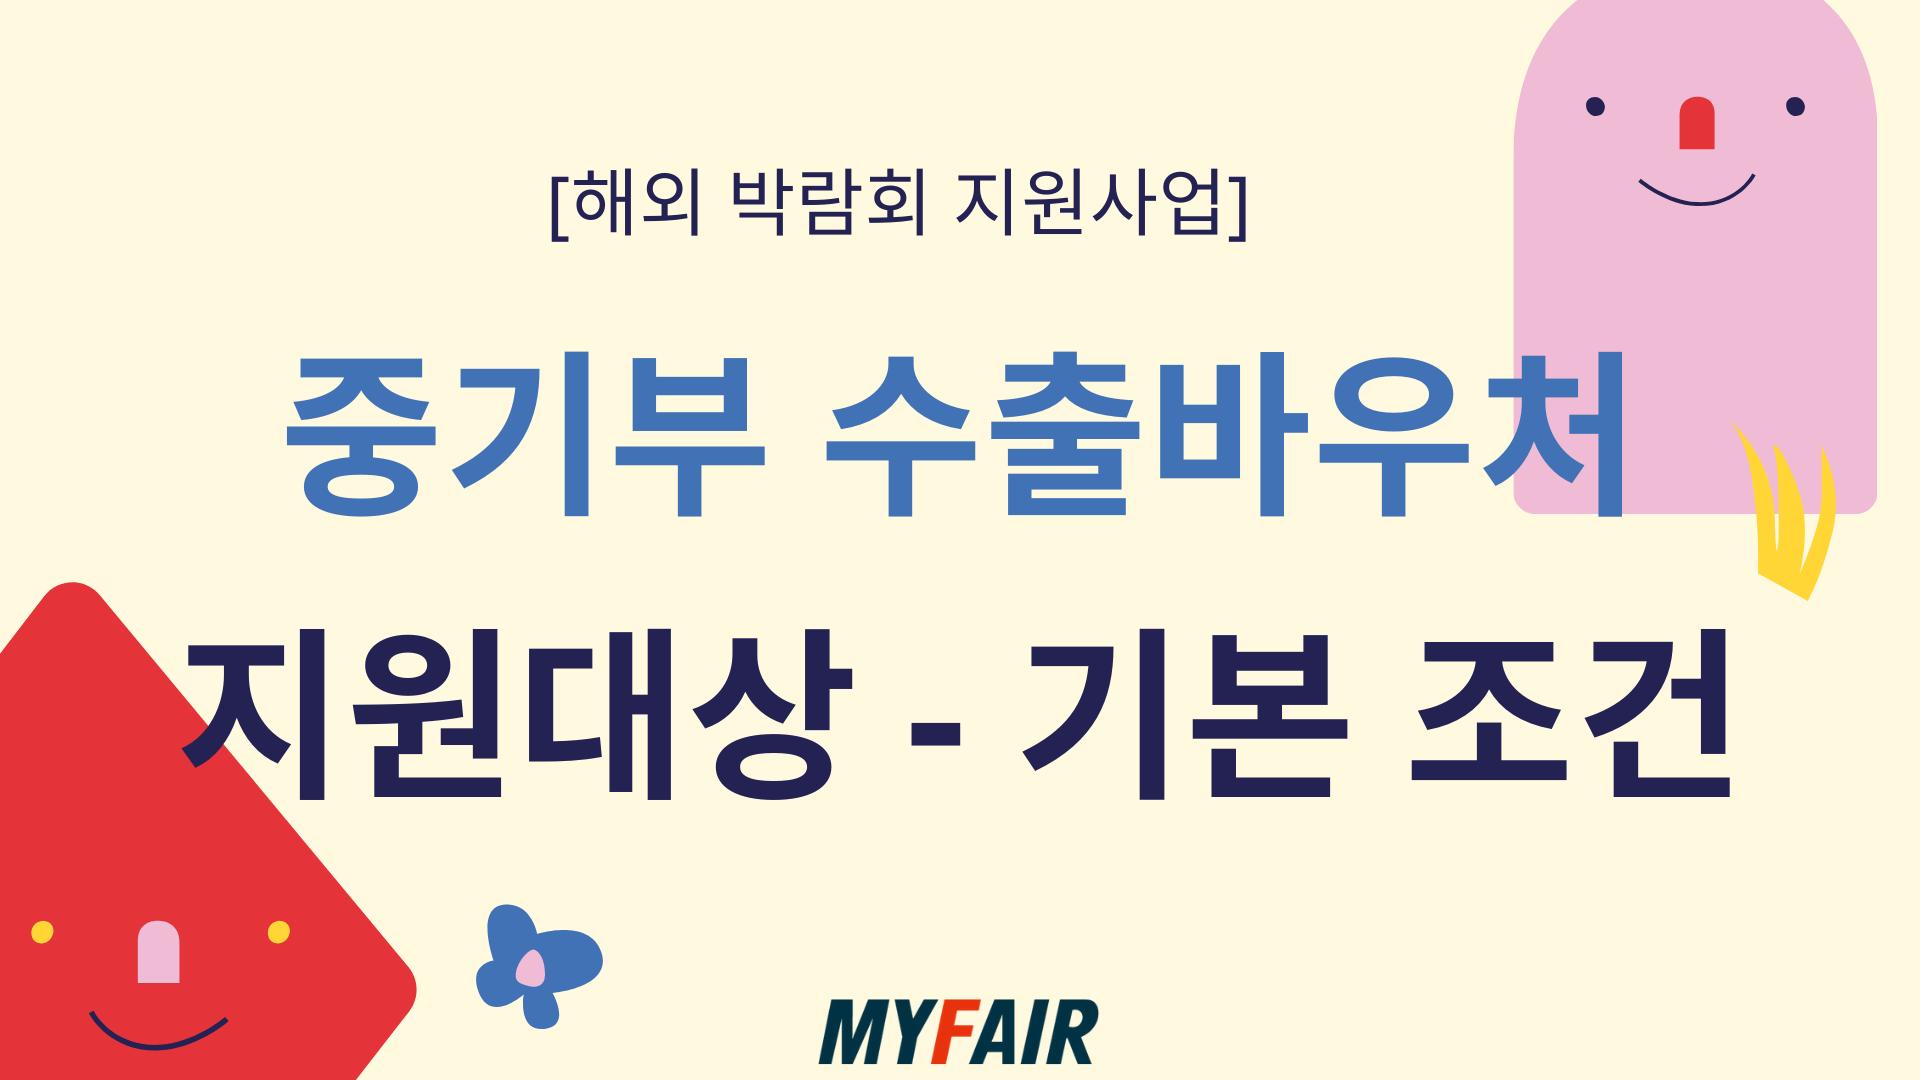 [해외박람회 지원사업 뜯어보기] '중기부 수출바우처' 지원 대상 - 기본 조건